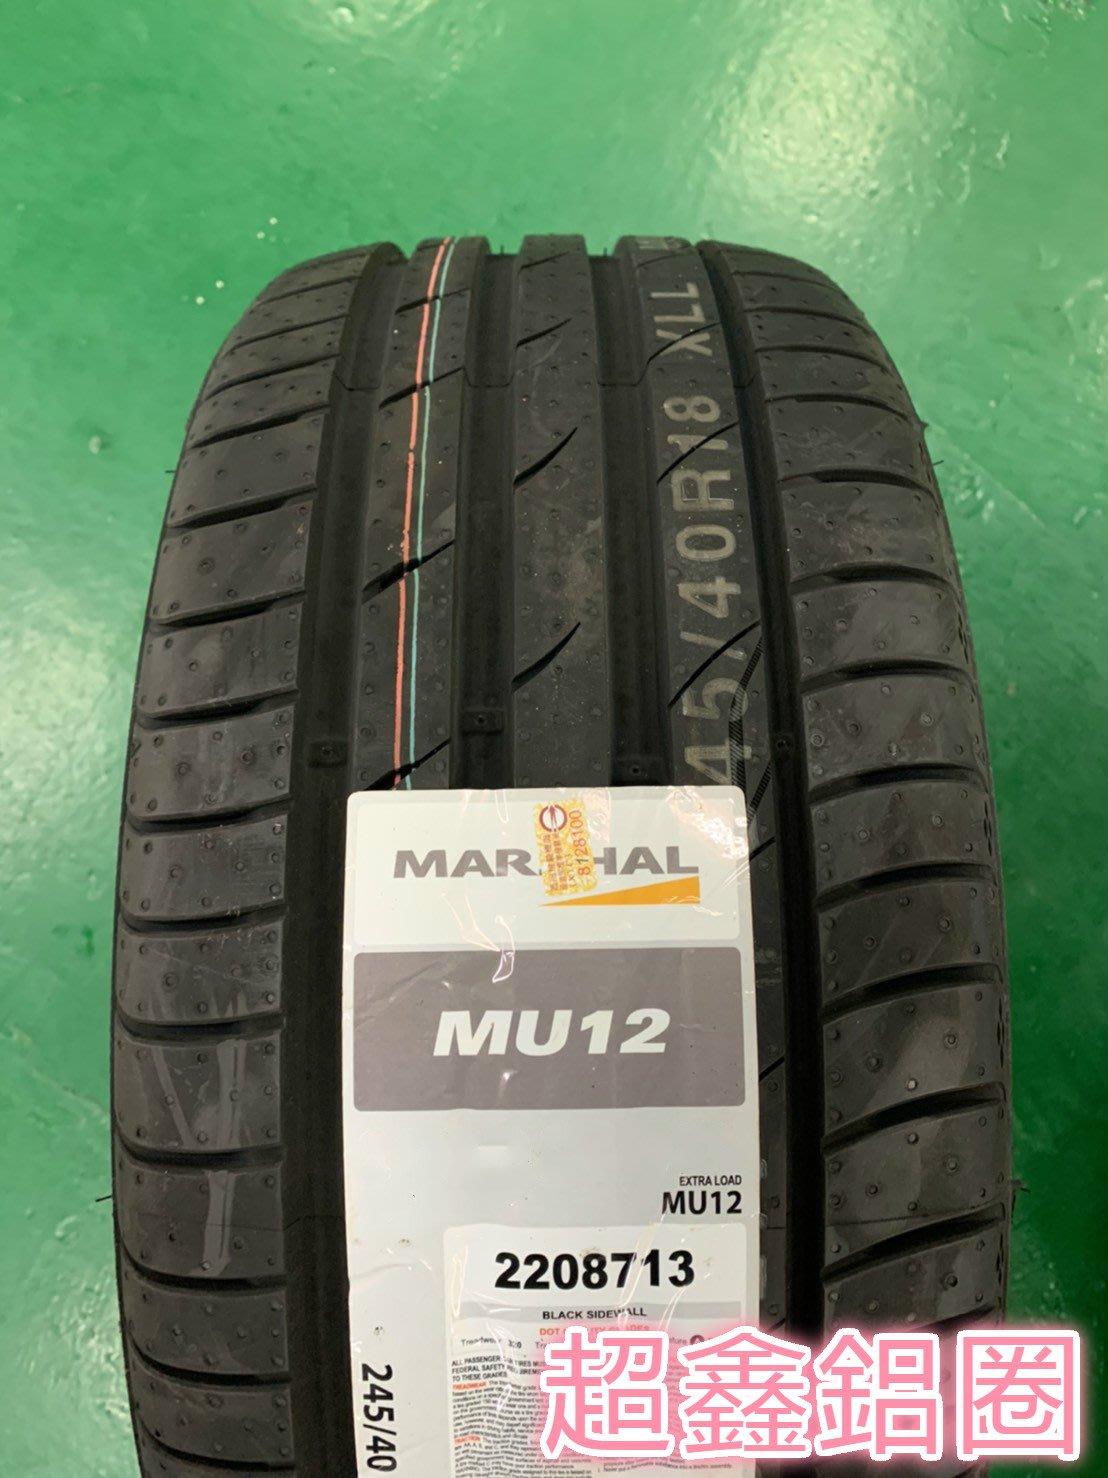 +超鑫輪胎鋁圈+  MARSHAL 245/45-17 95W MU12 韓國製 完工價 KHUMO 錦湖輪胎副廠牌